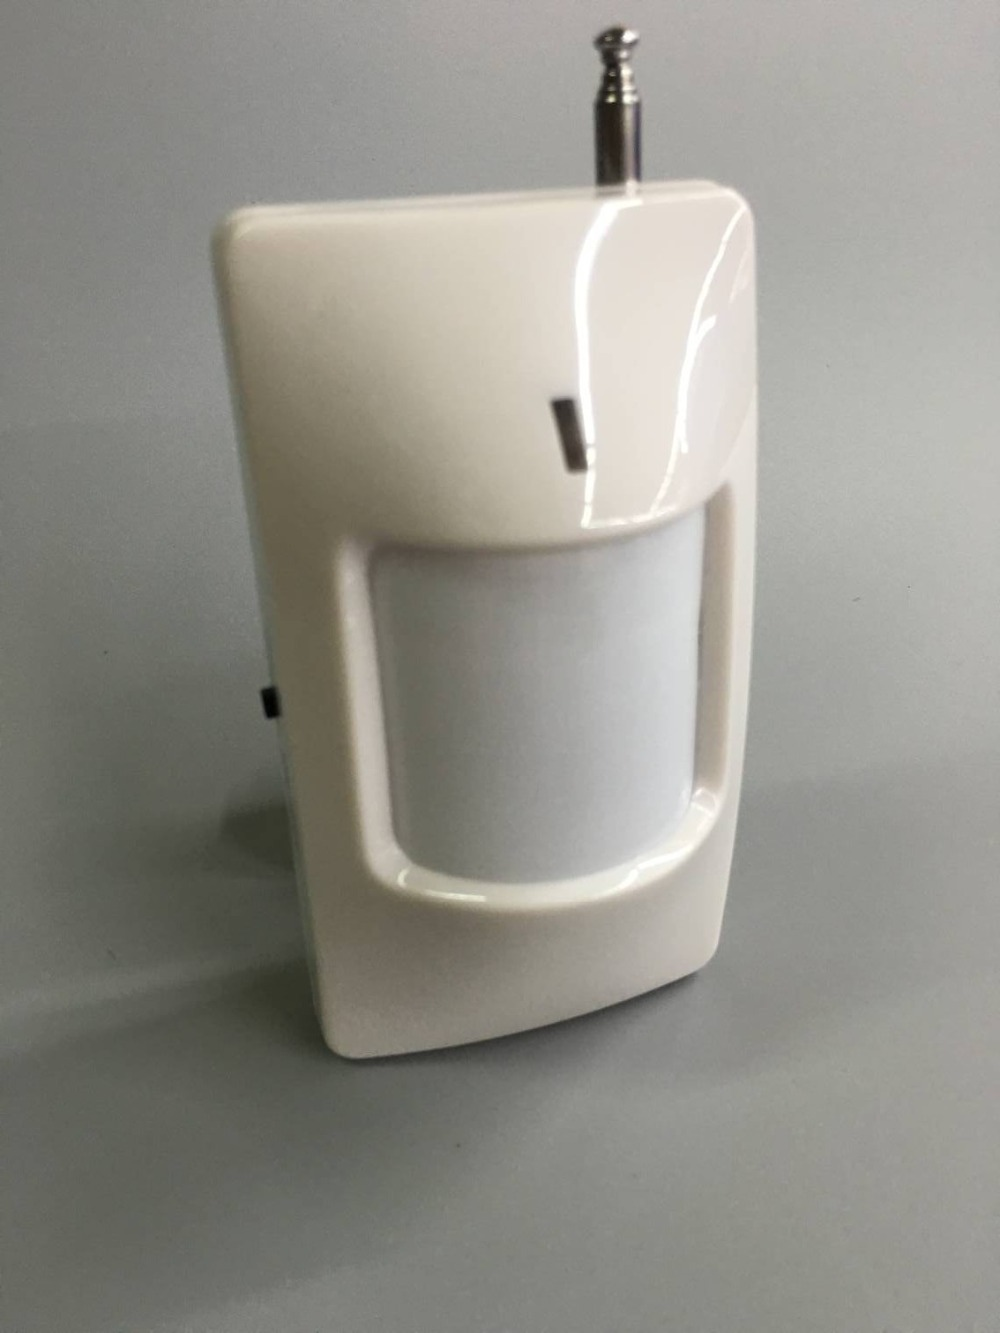 Bezprzewodowy pasywny czujnik alarmowy na podczerwień PIR czujnik ruchu dla 433MHz Wifi/GSM/PSTN system alarmowy do domu